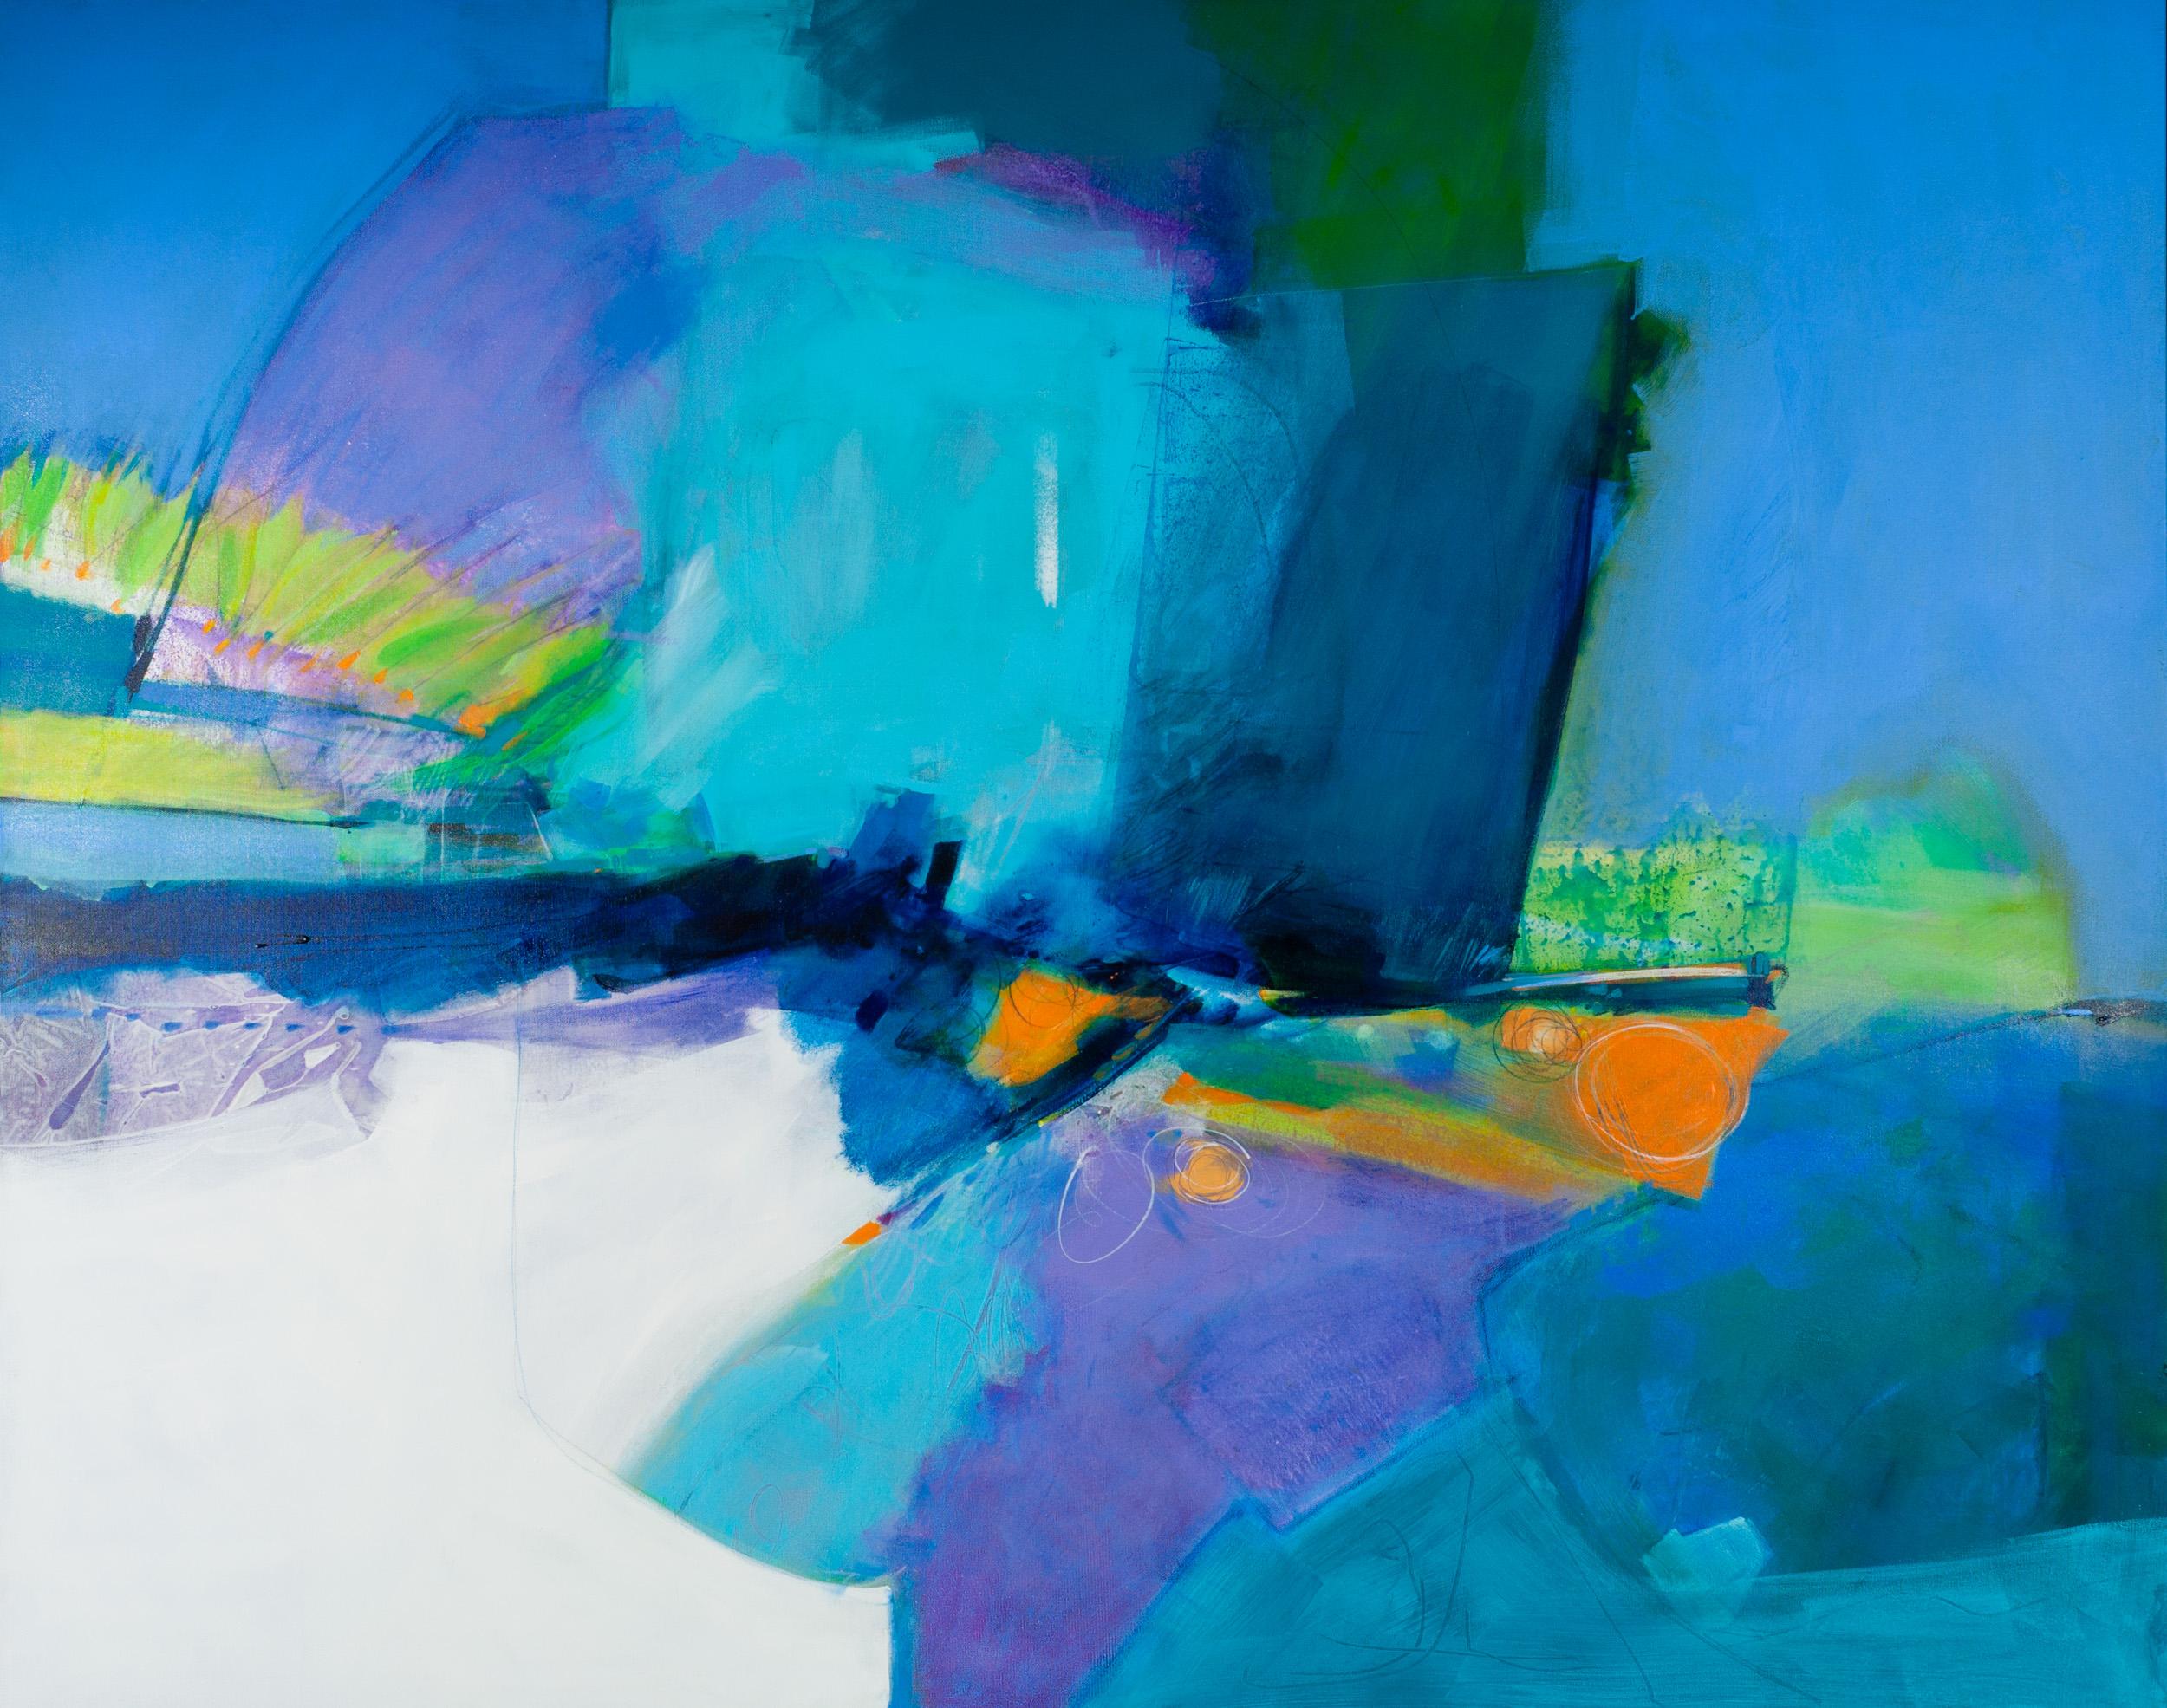 2019-04-14-Paintings-9.jpg